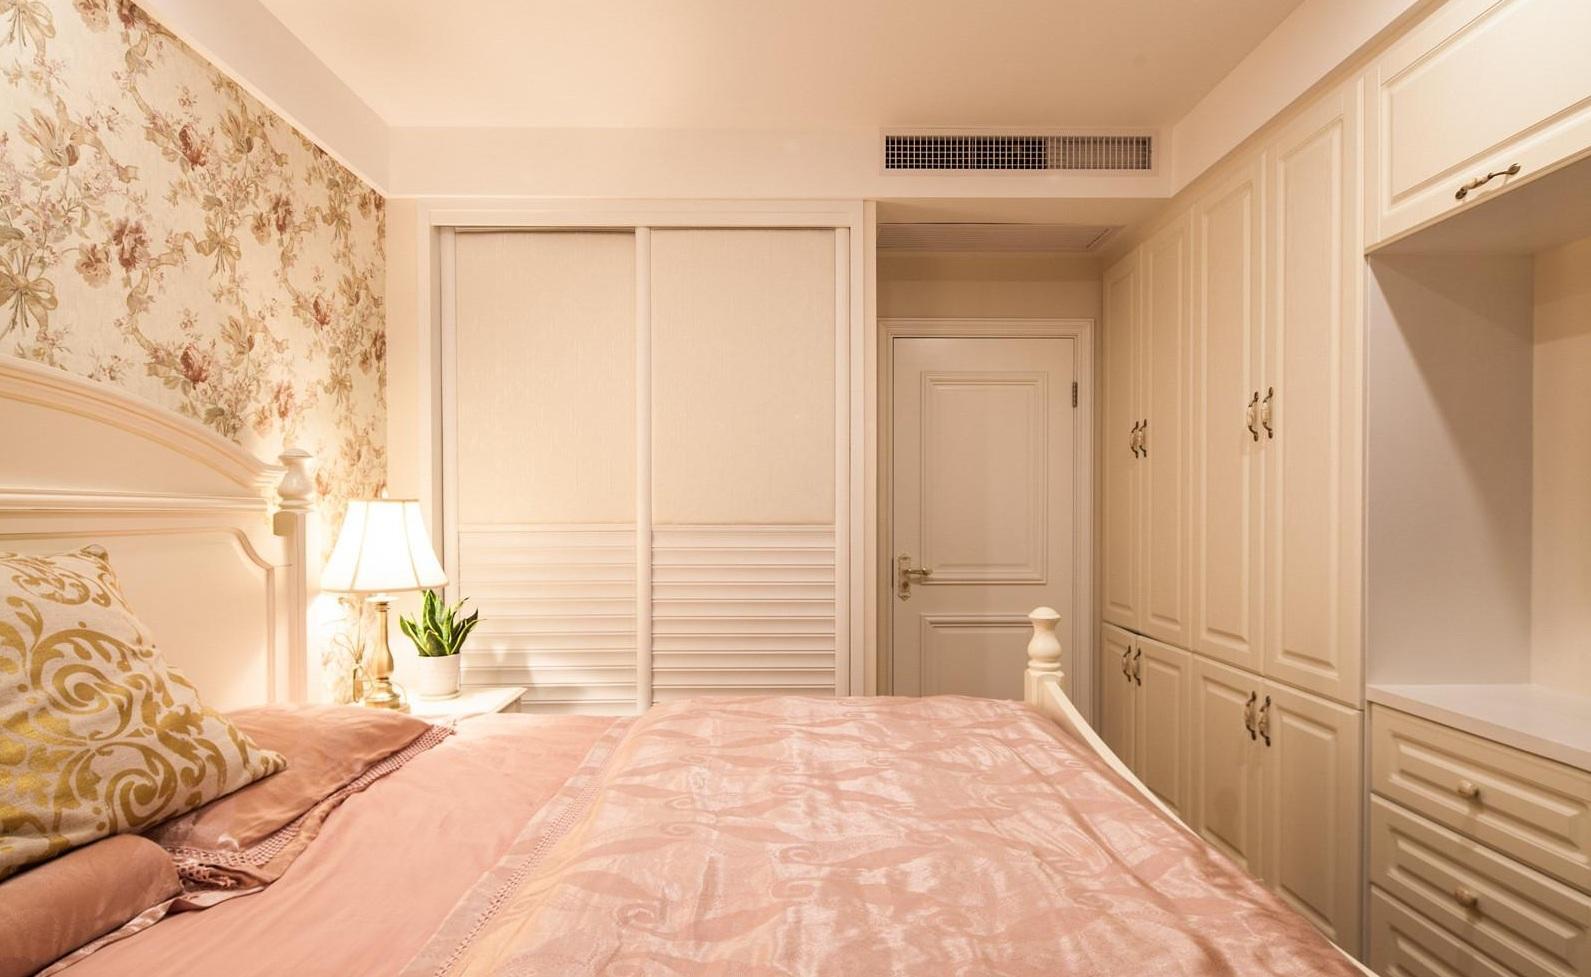 浪漫简约欧式风格设计卧室效果图片